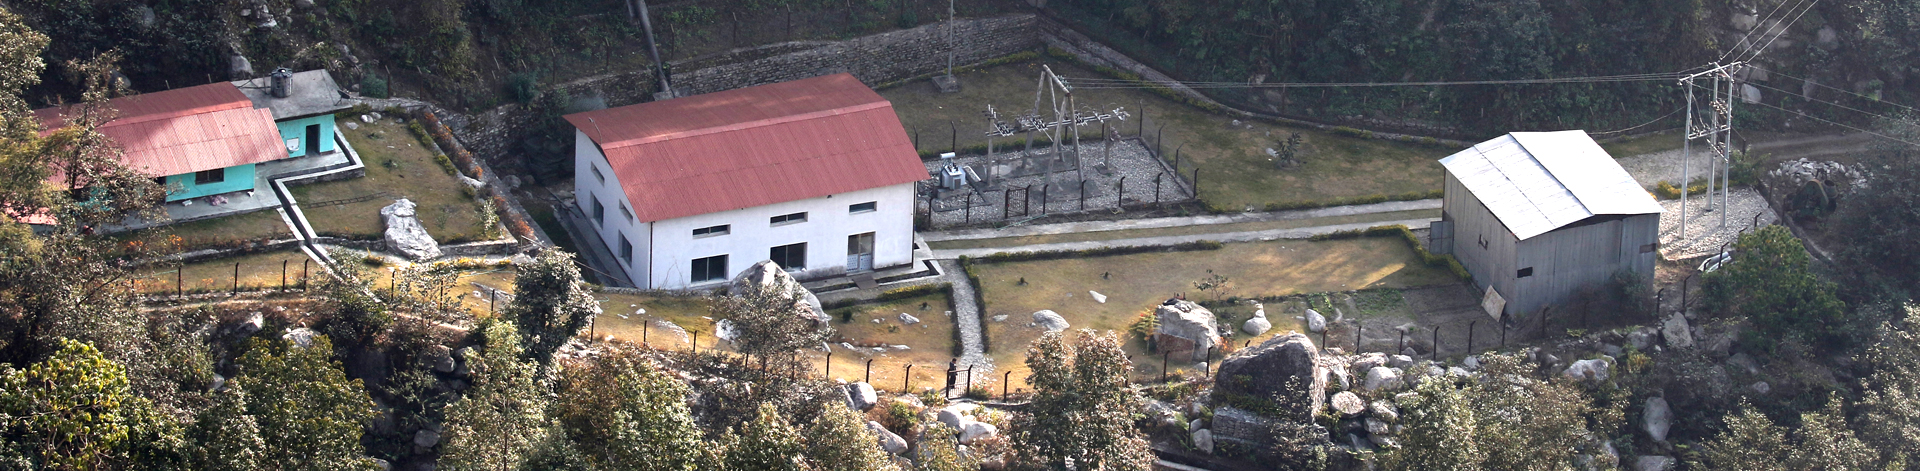 Haluwakhola 400KW Plant